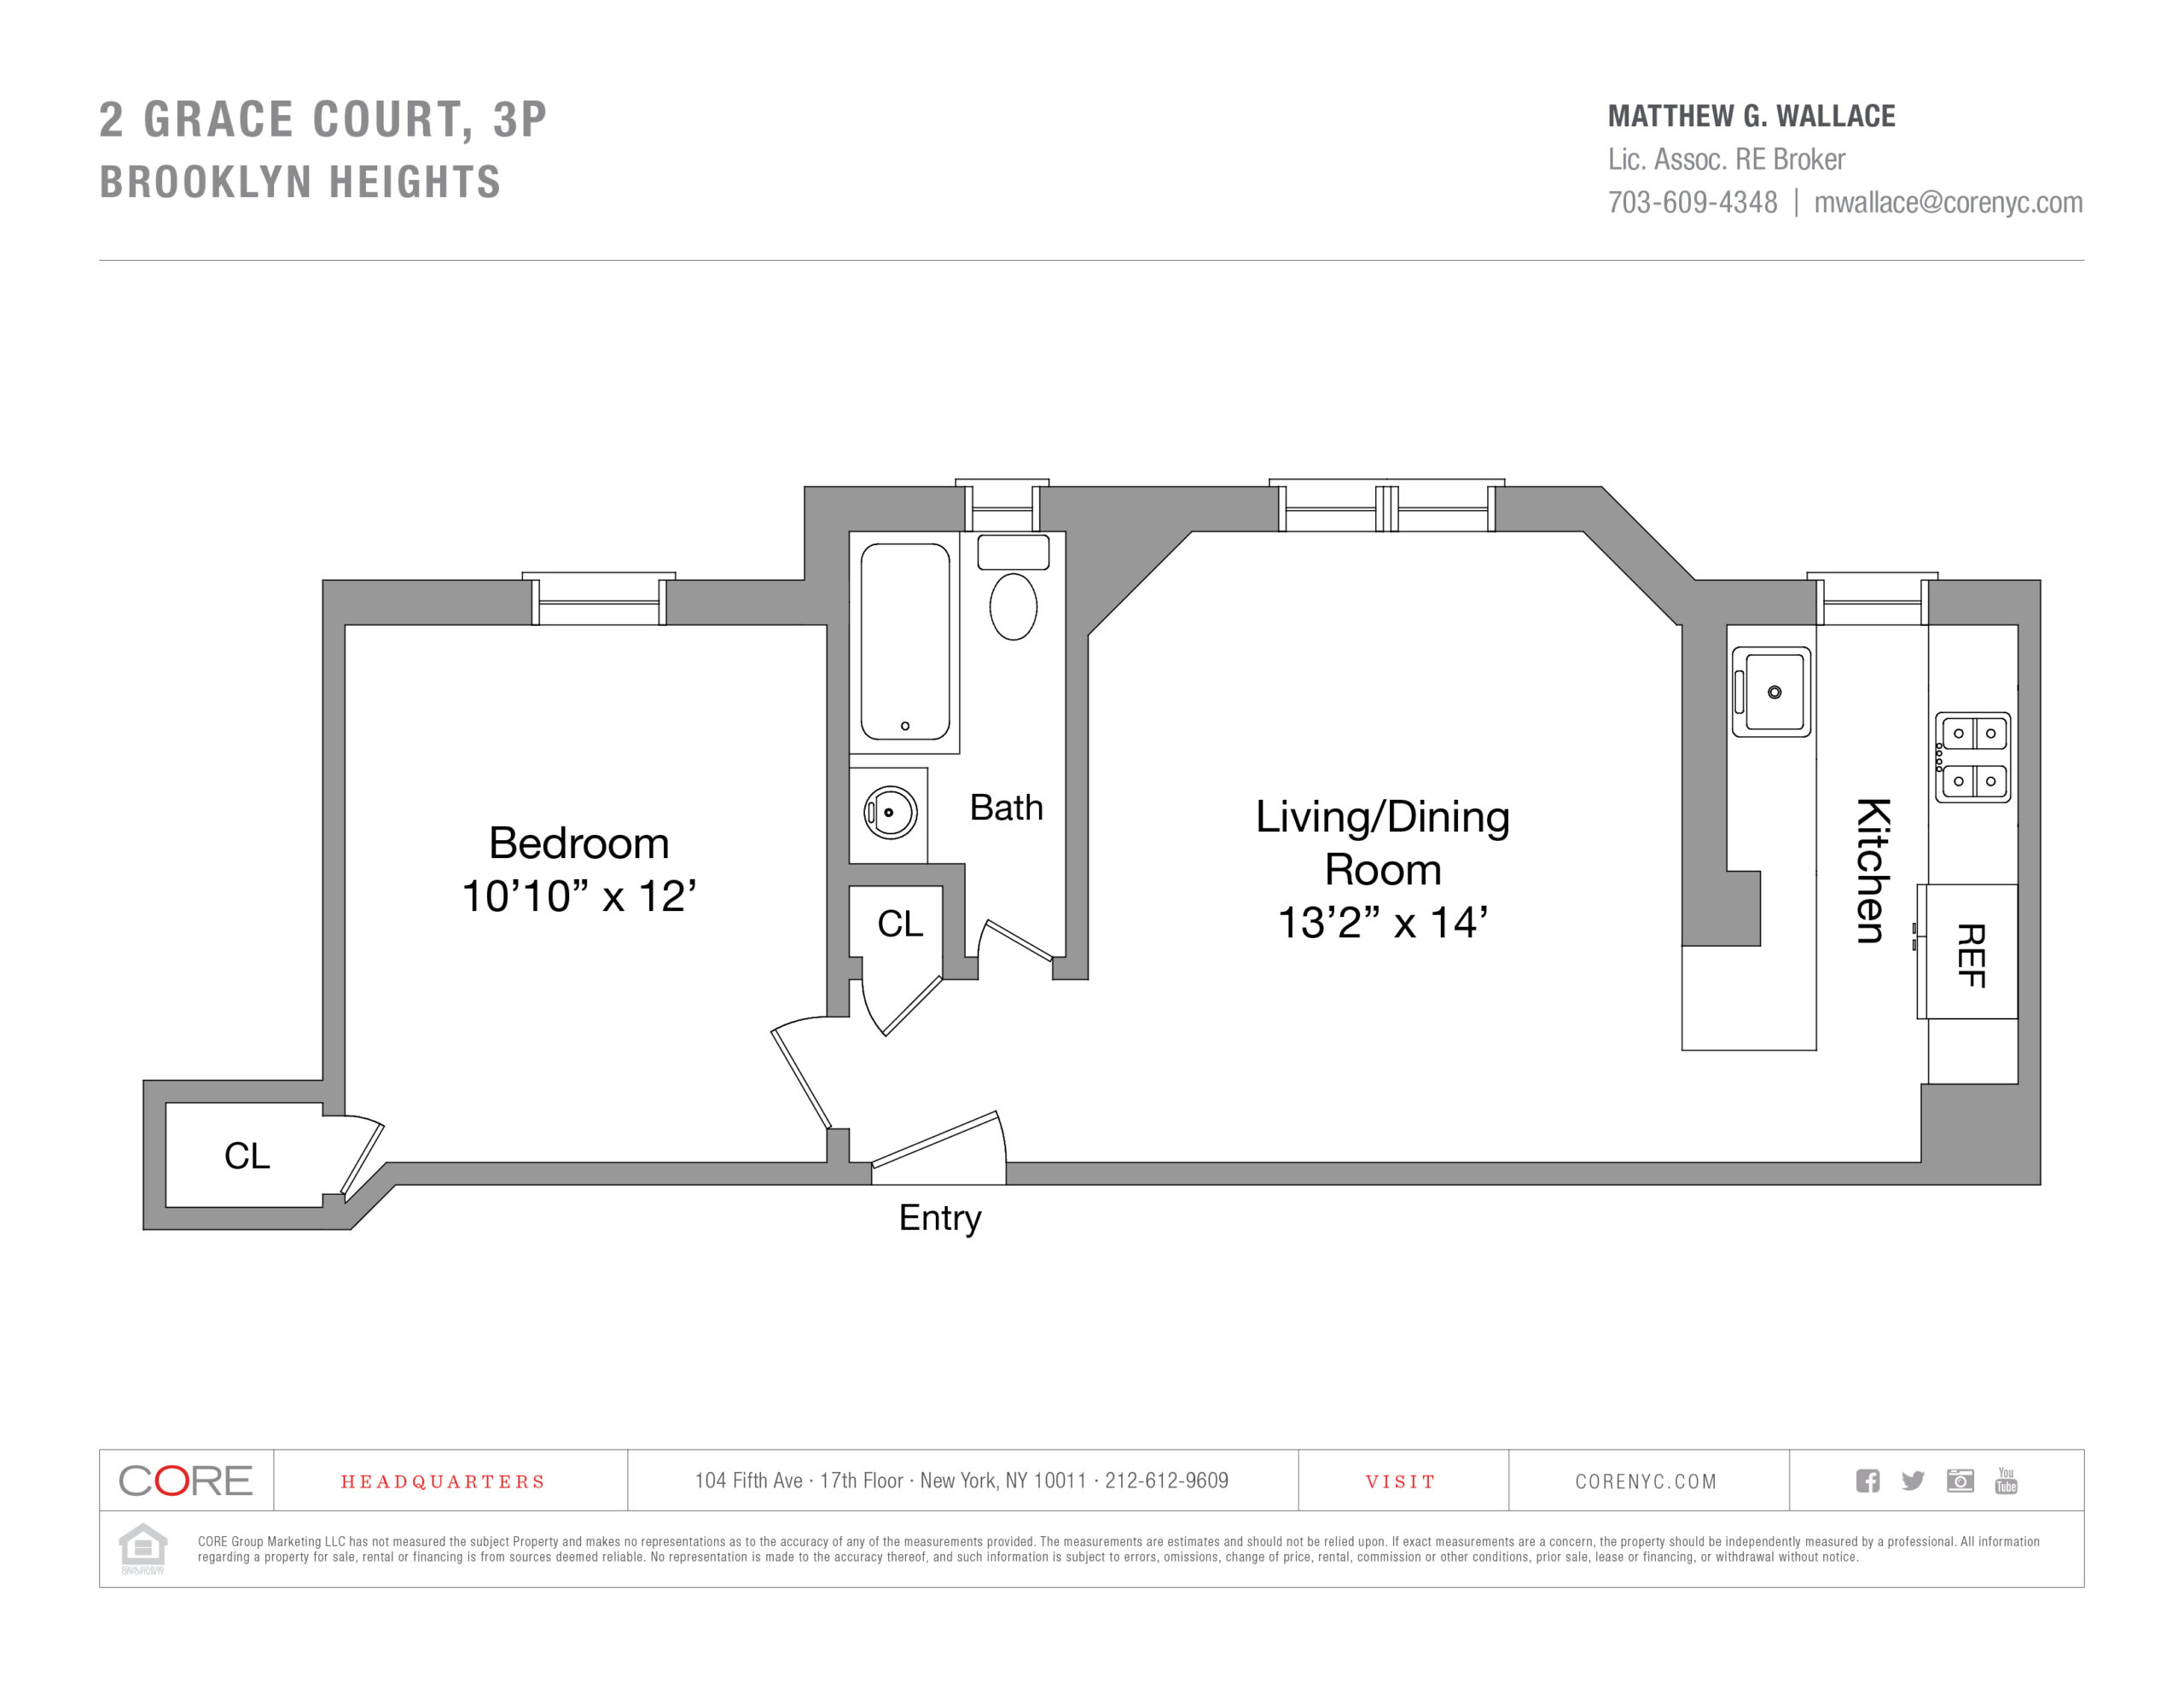 2 Grace Court 3P, Brooklyn, NY 11201